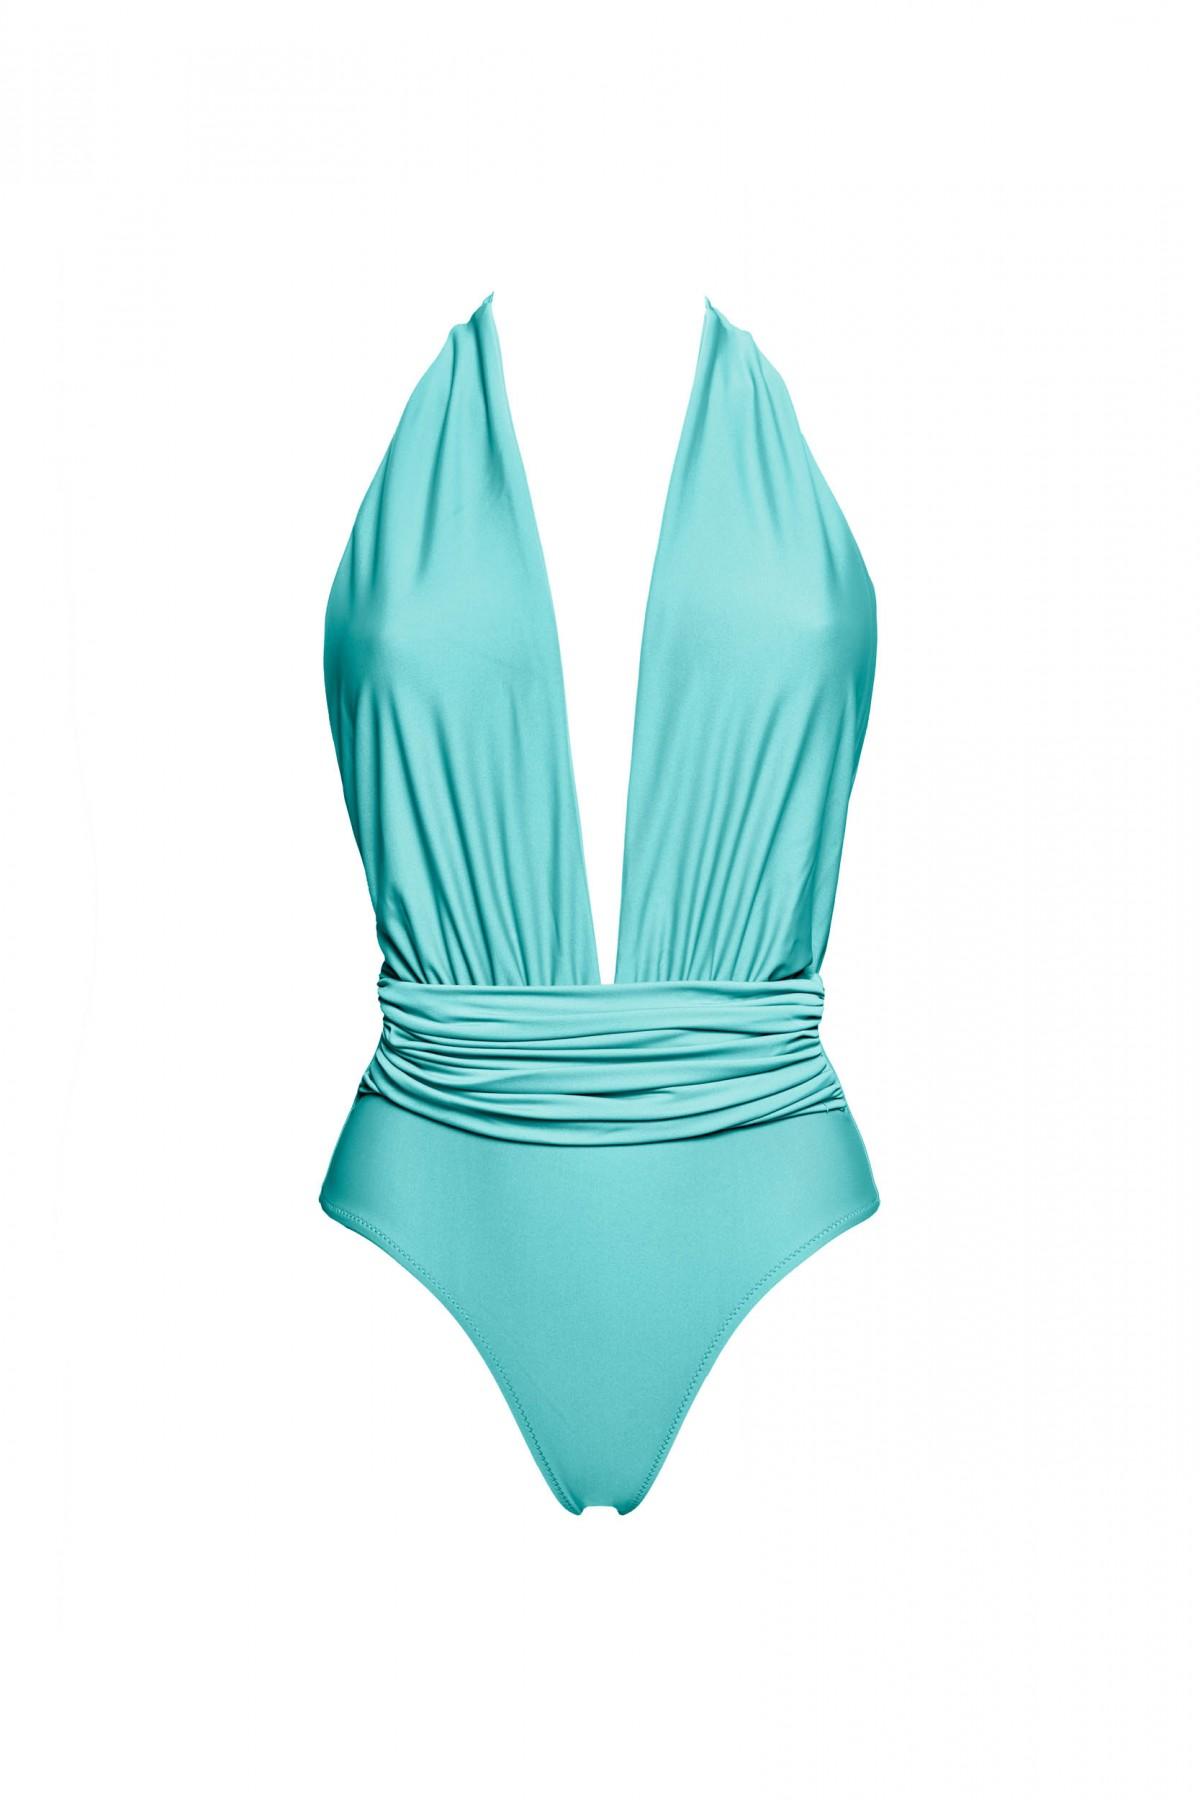 St. Tropez Swimsuit C2